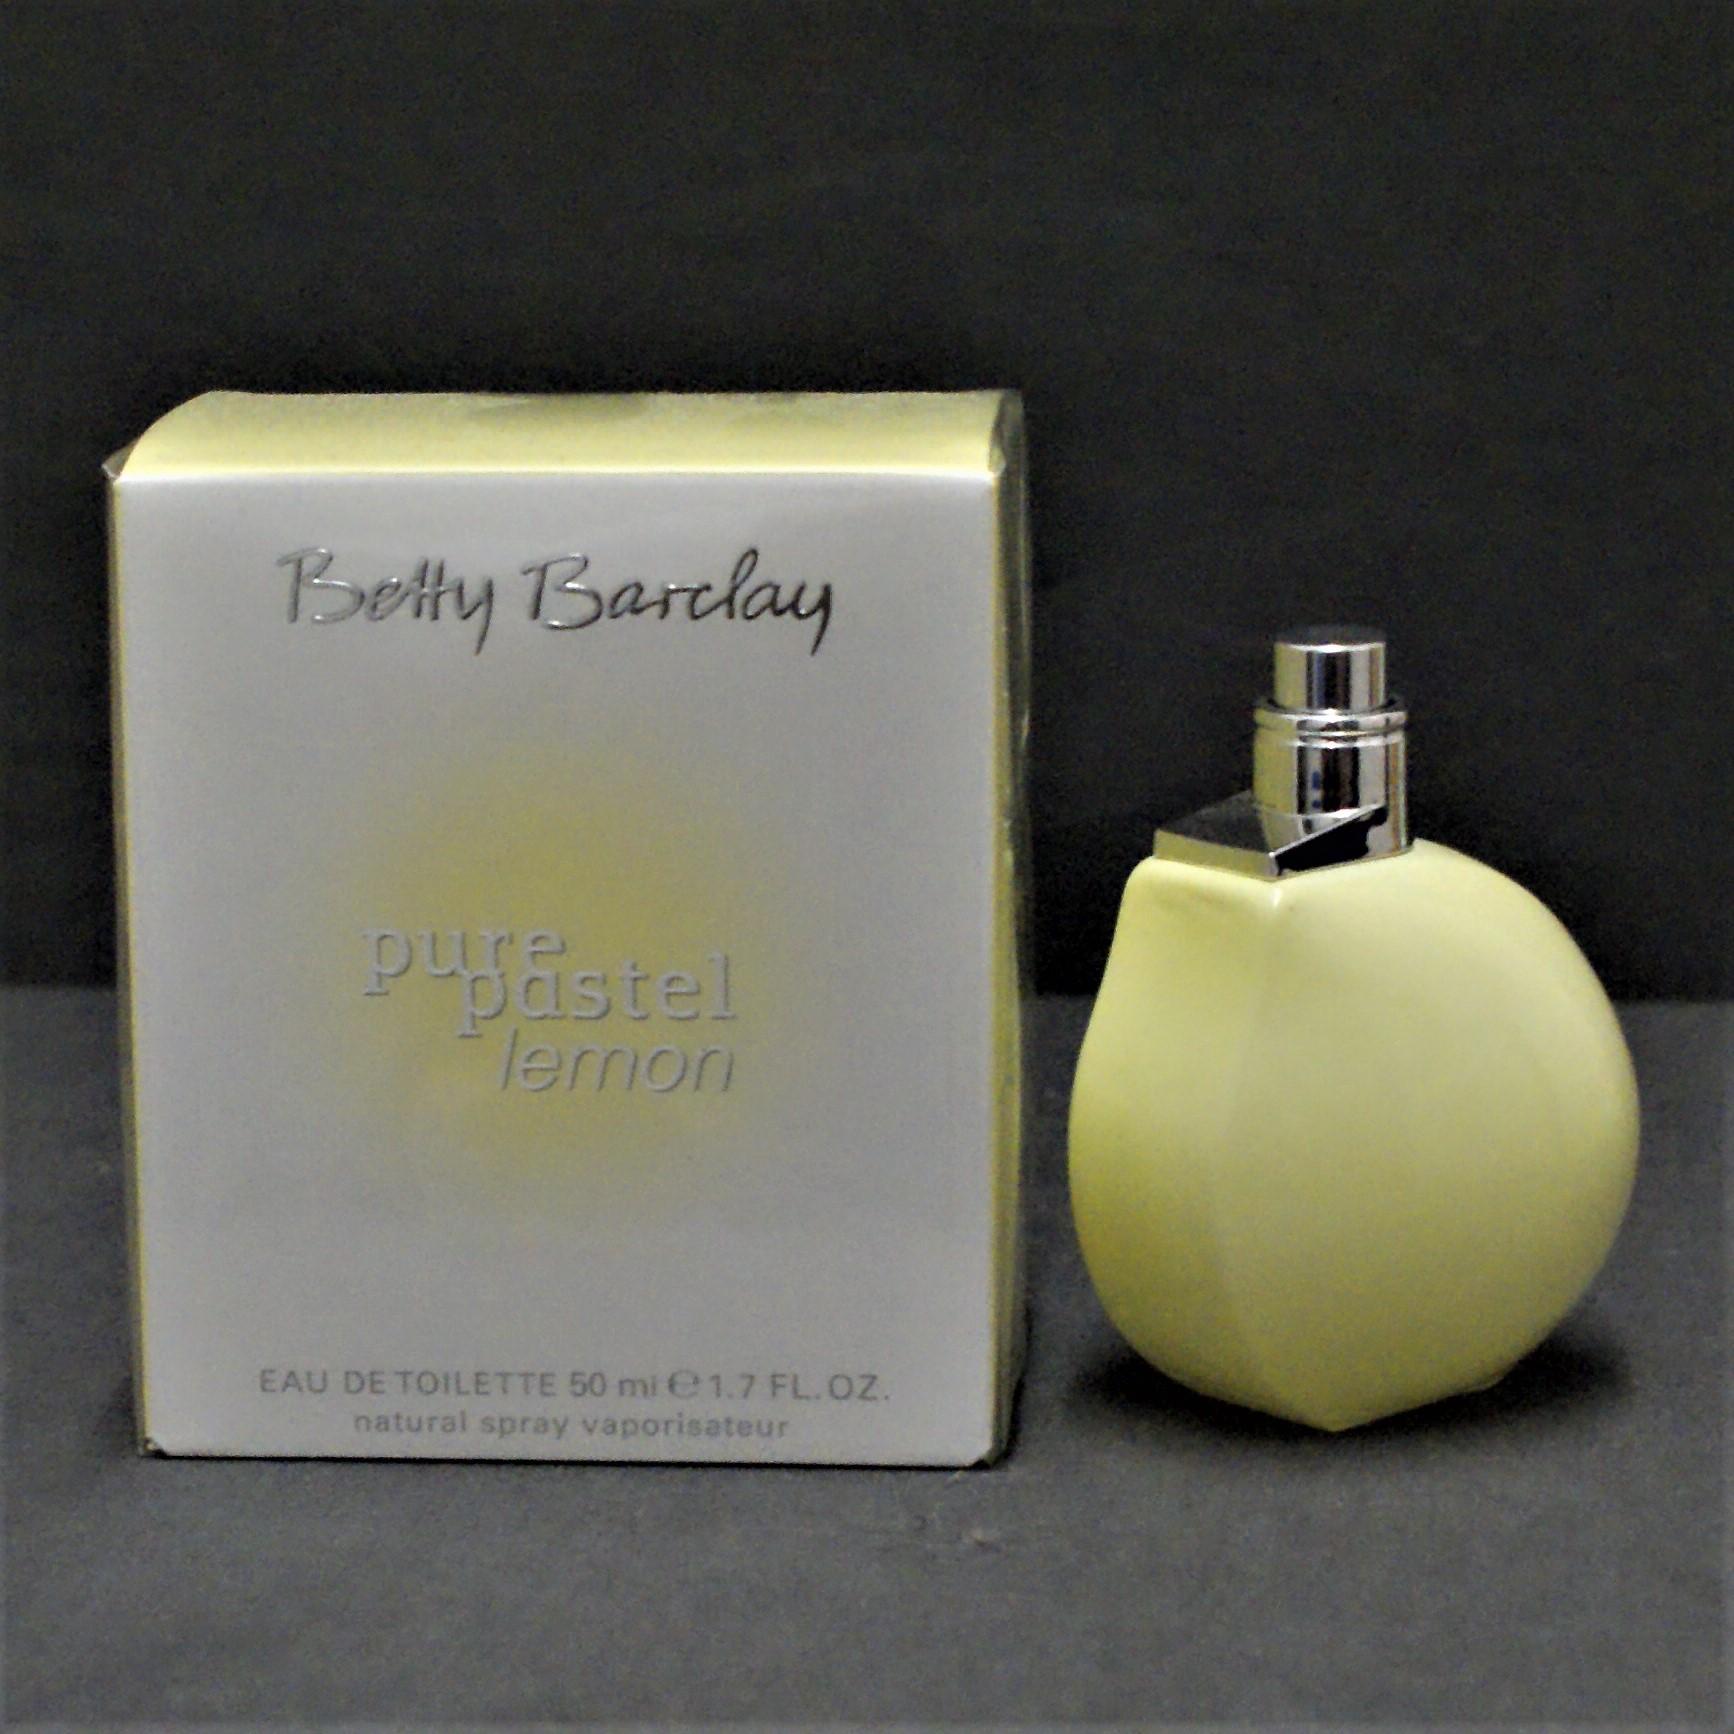 betty barclay pure pastel lemon lachen drogerie st gallen. Black Bedroom Furniture Sets. Home Design Ideas